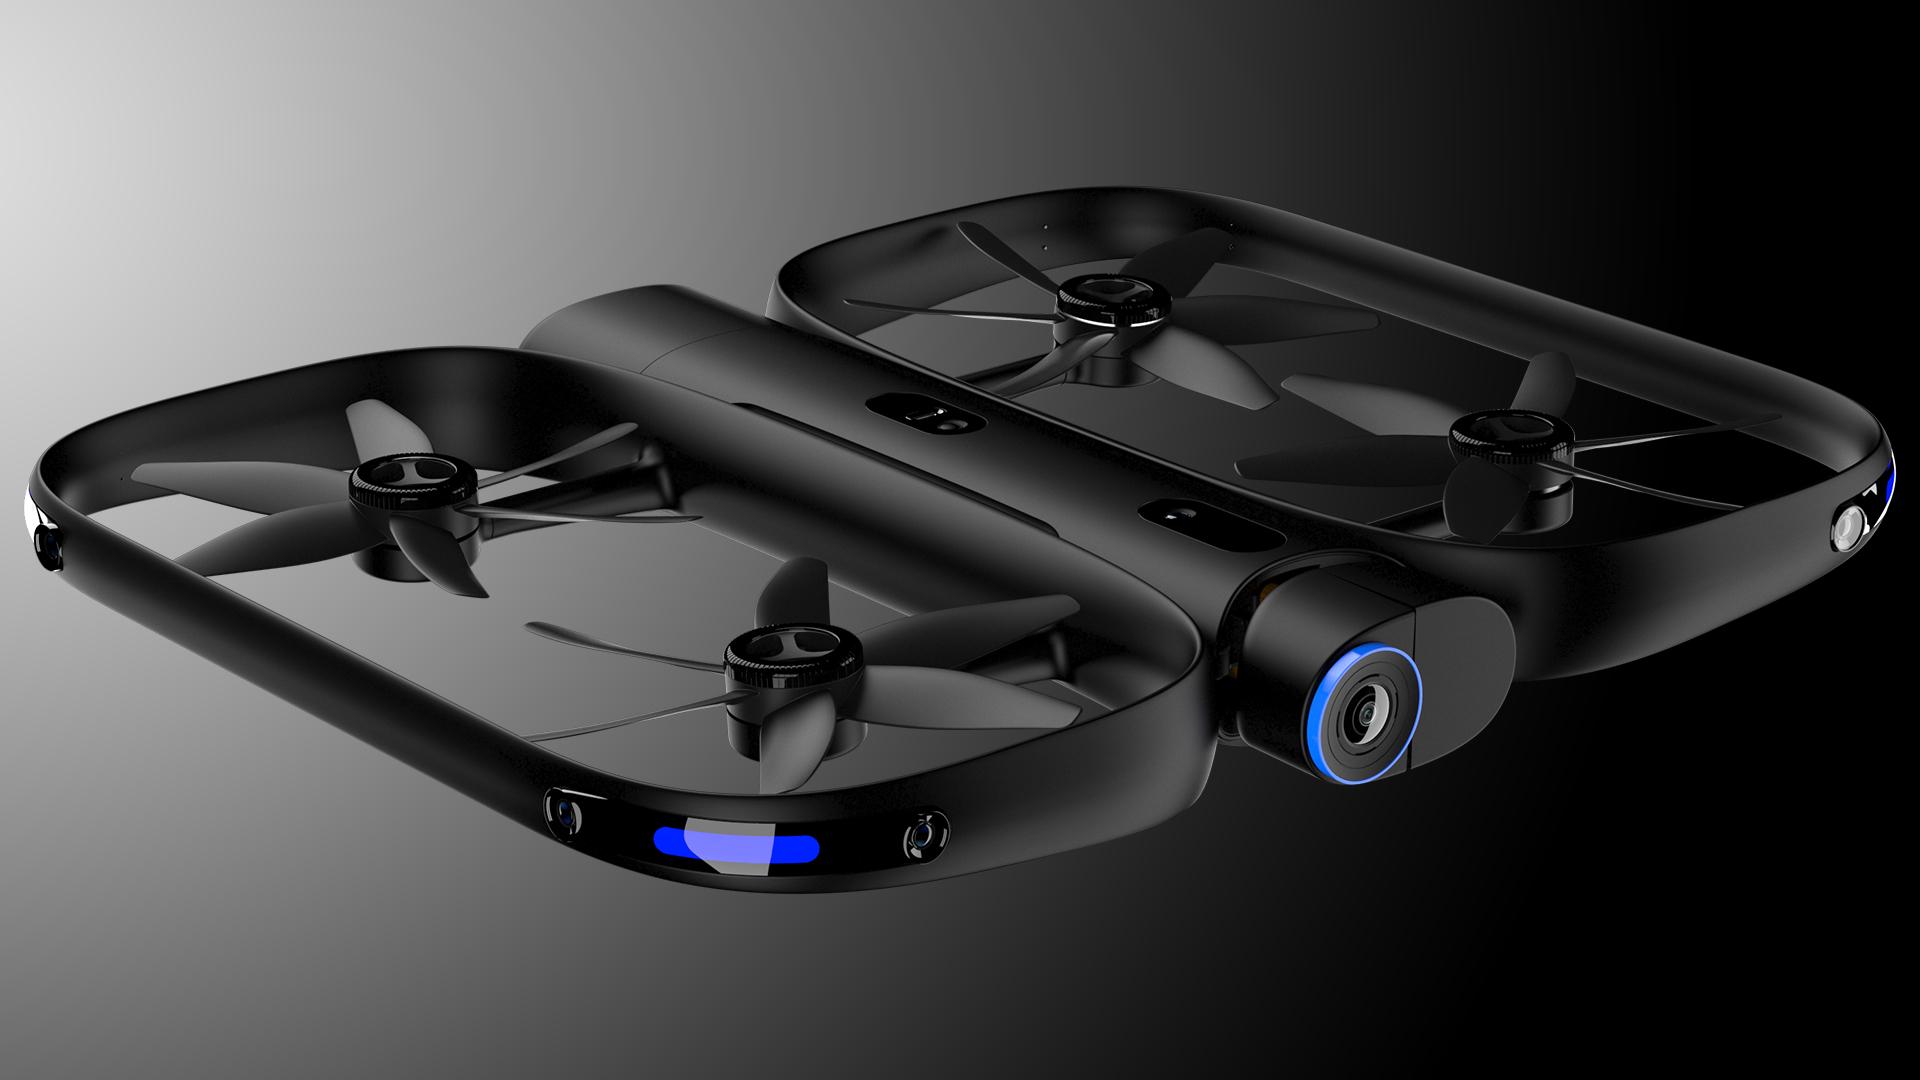 SkydioのR1 Autonomous 4K Droneがソフトウエアアップデートを実施